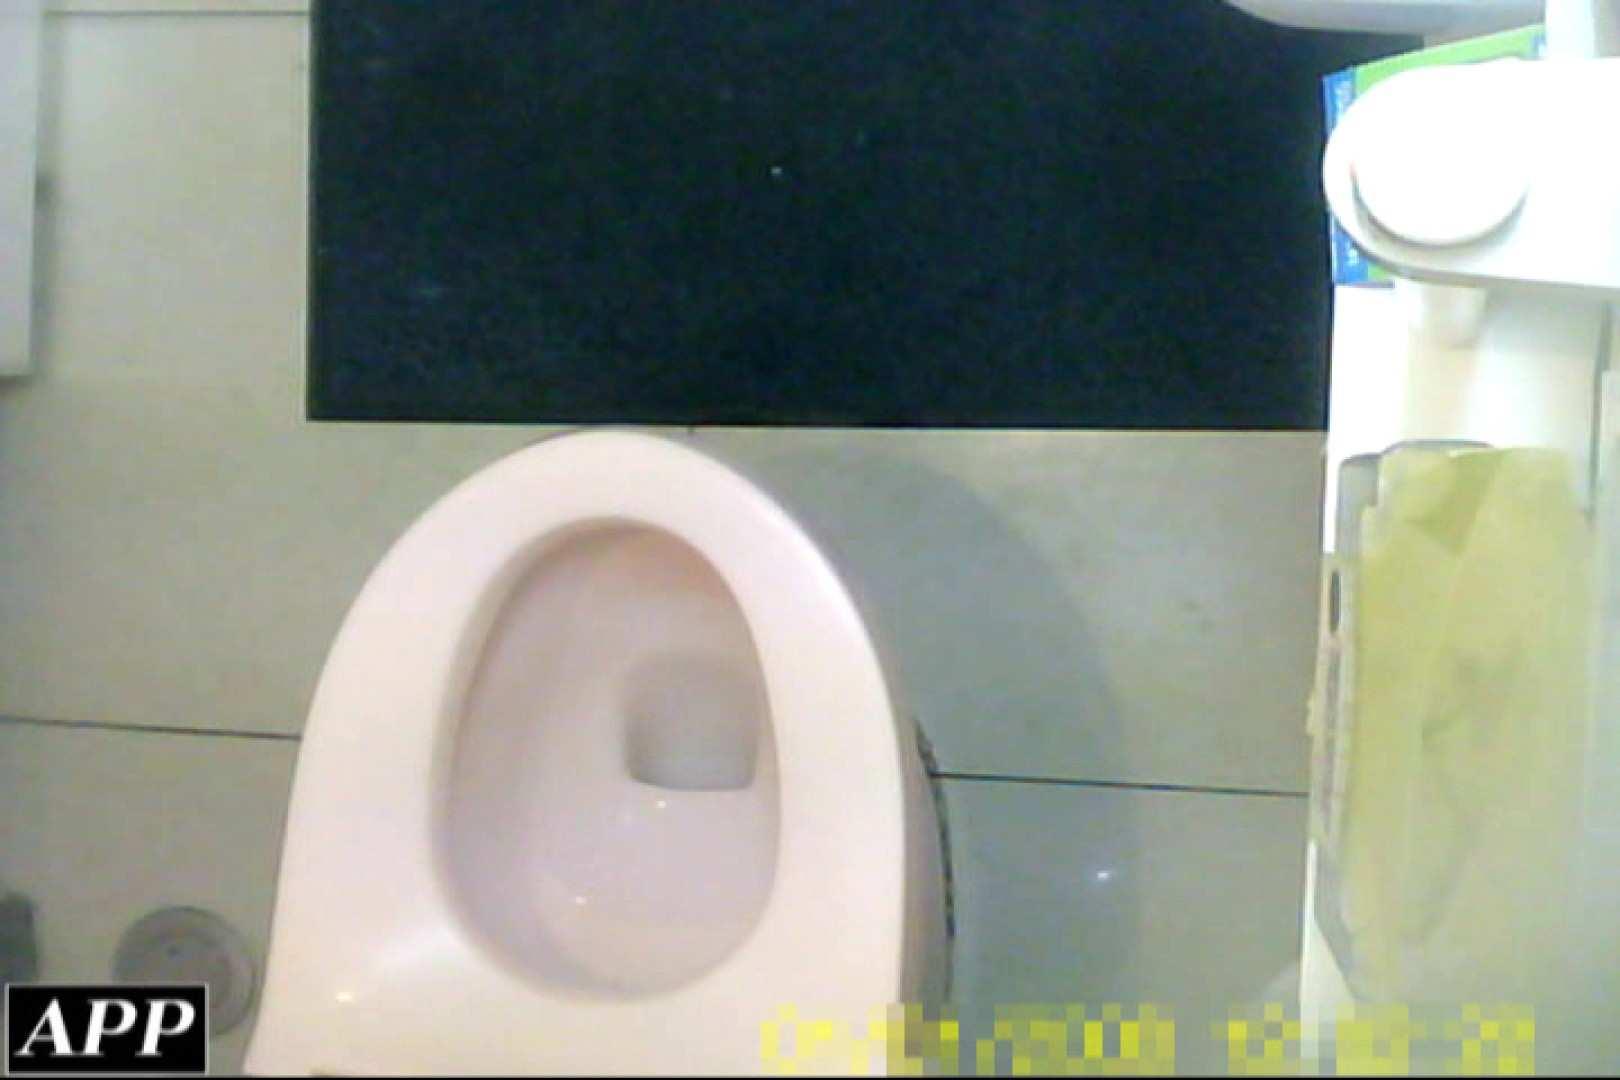 3視点洗面所 vol.041 洗面所 | 独身エッチOL  83pic 54